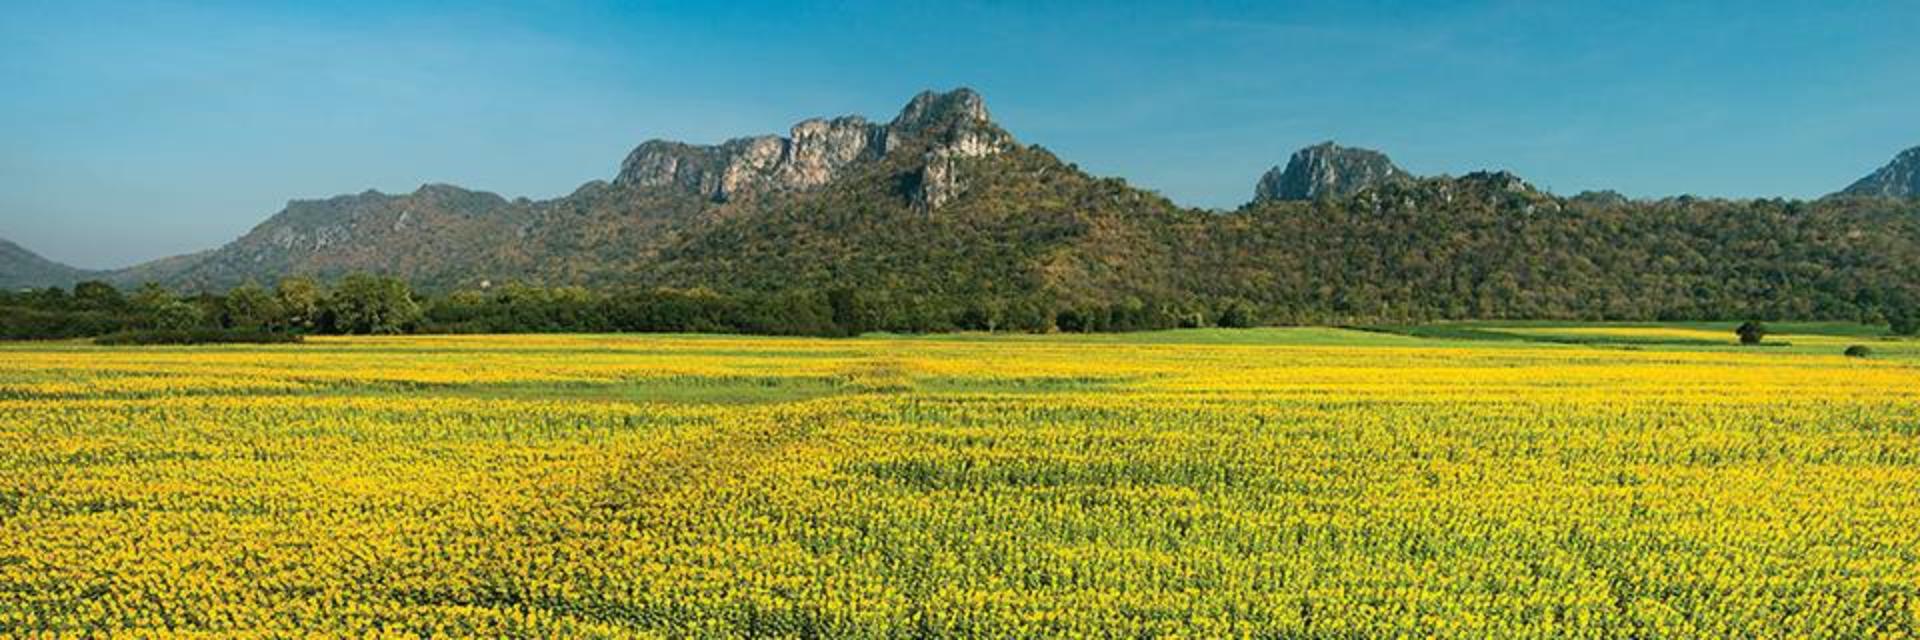 ประเทศไทย : เดือนกุมภาพันธ์